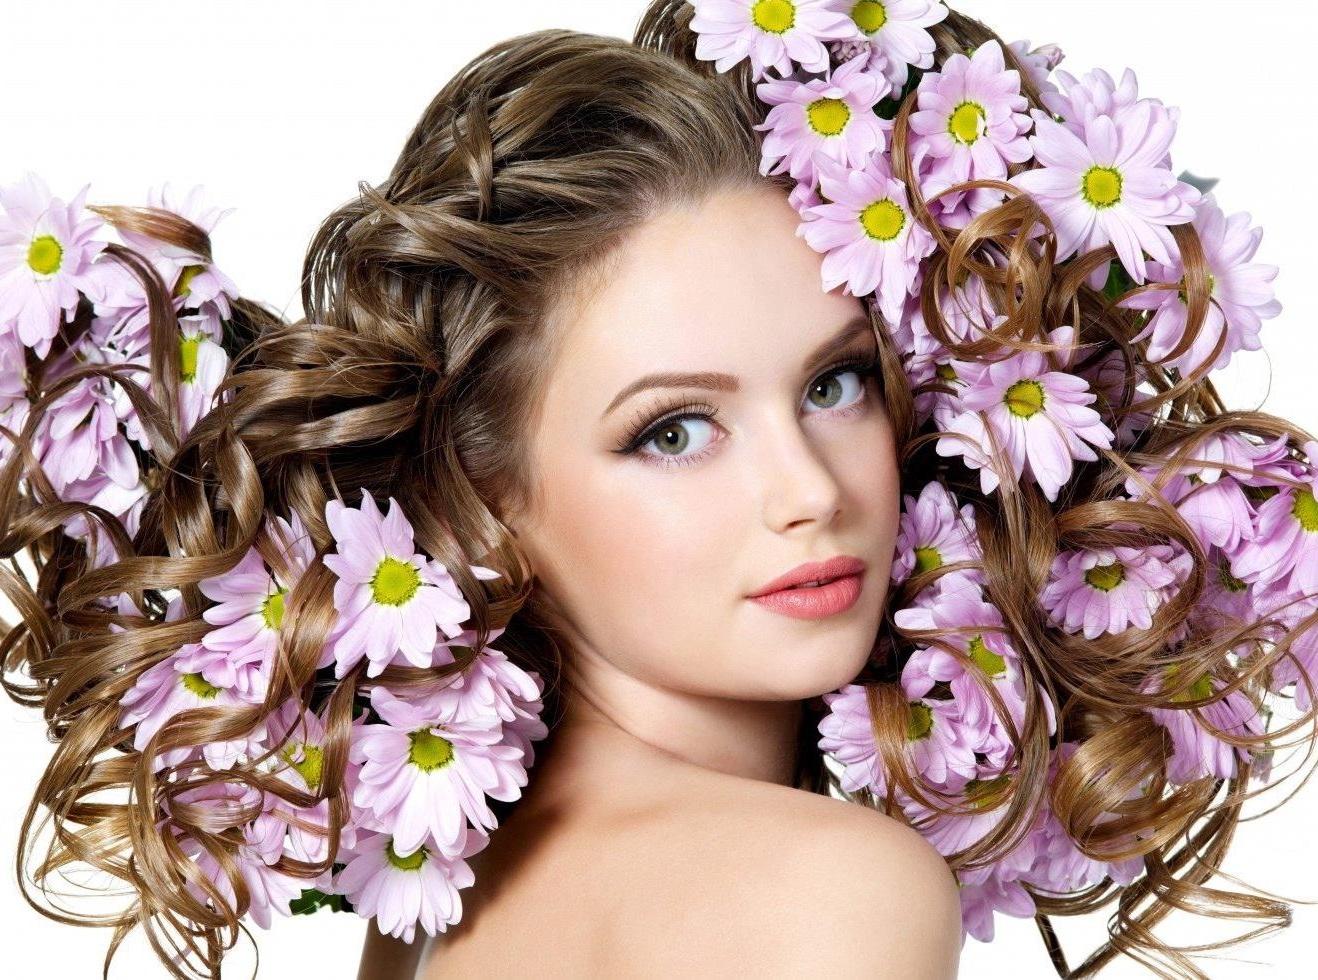 Шампуни для ослабленных волос из натуральных компонентов